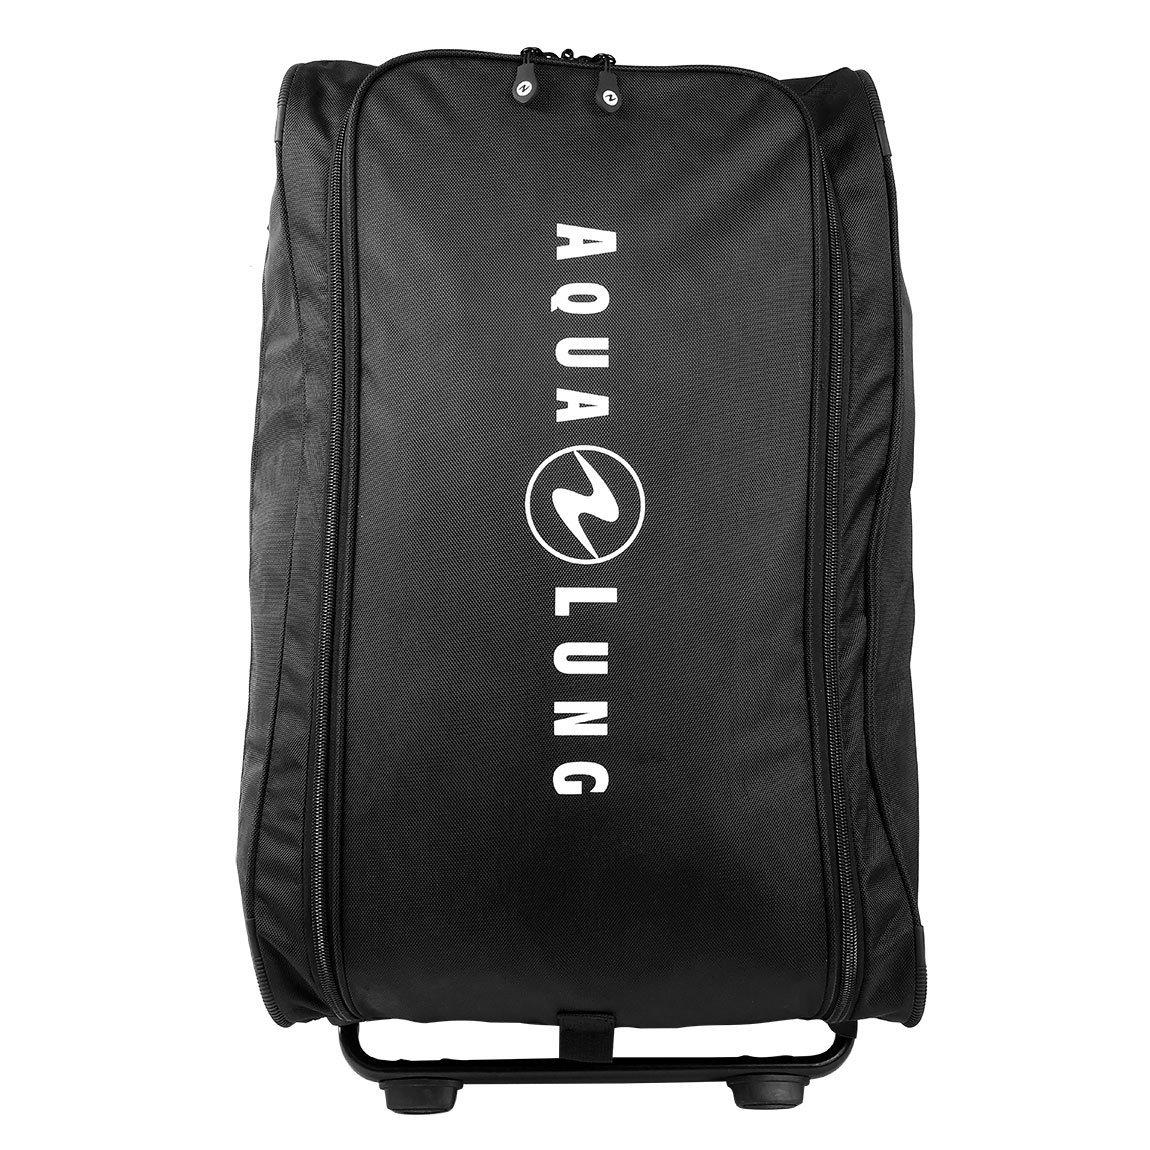 Aqualung - Explorer II Folder Bag